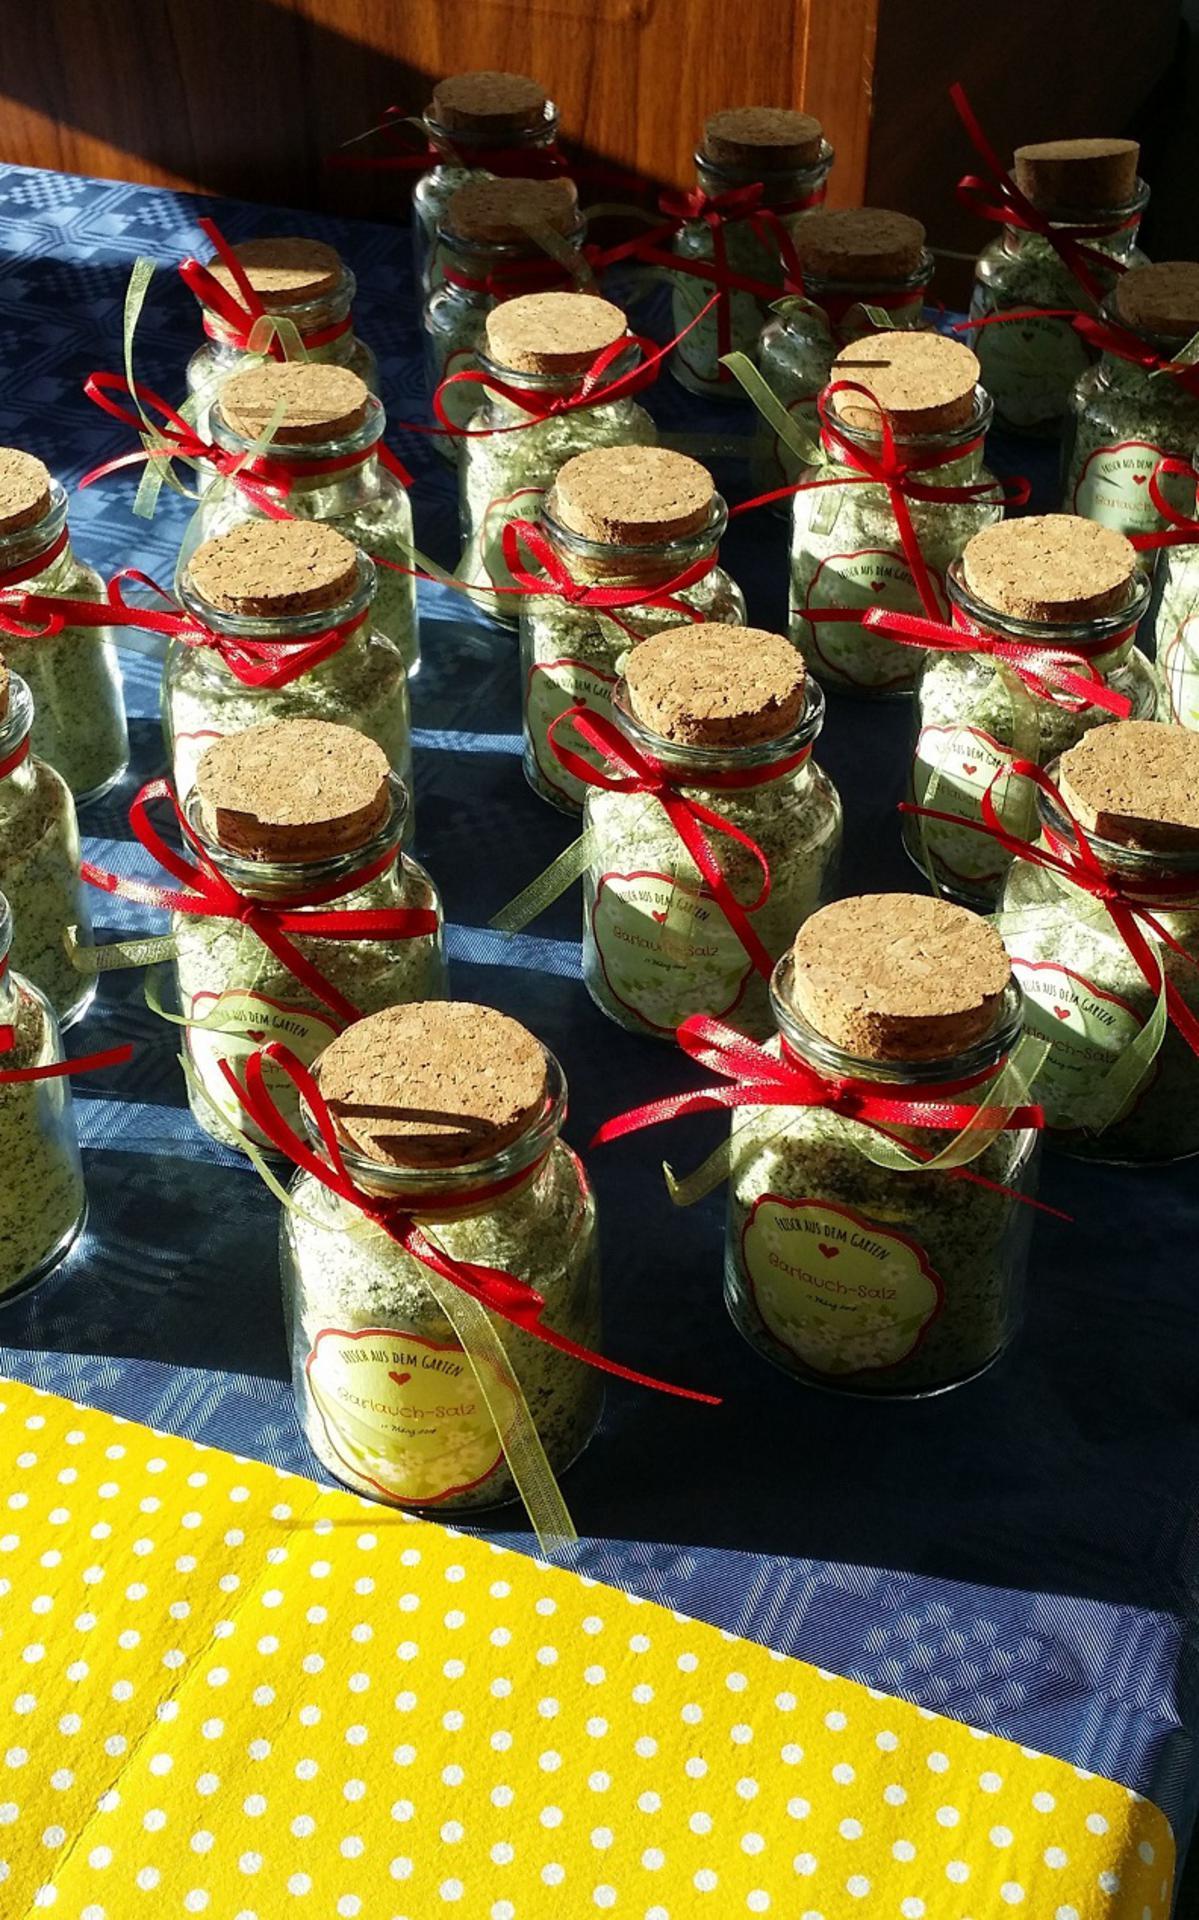 die kleinen liebevoll gestalteten Bärlauch- Salz Gläschen